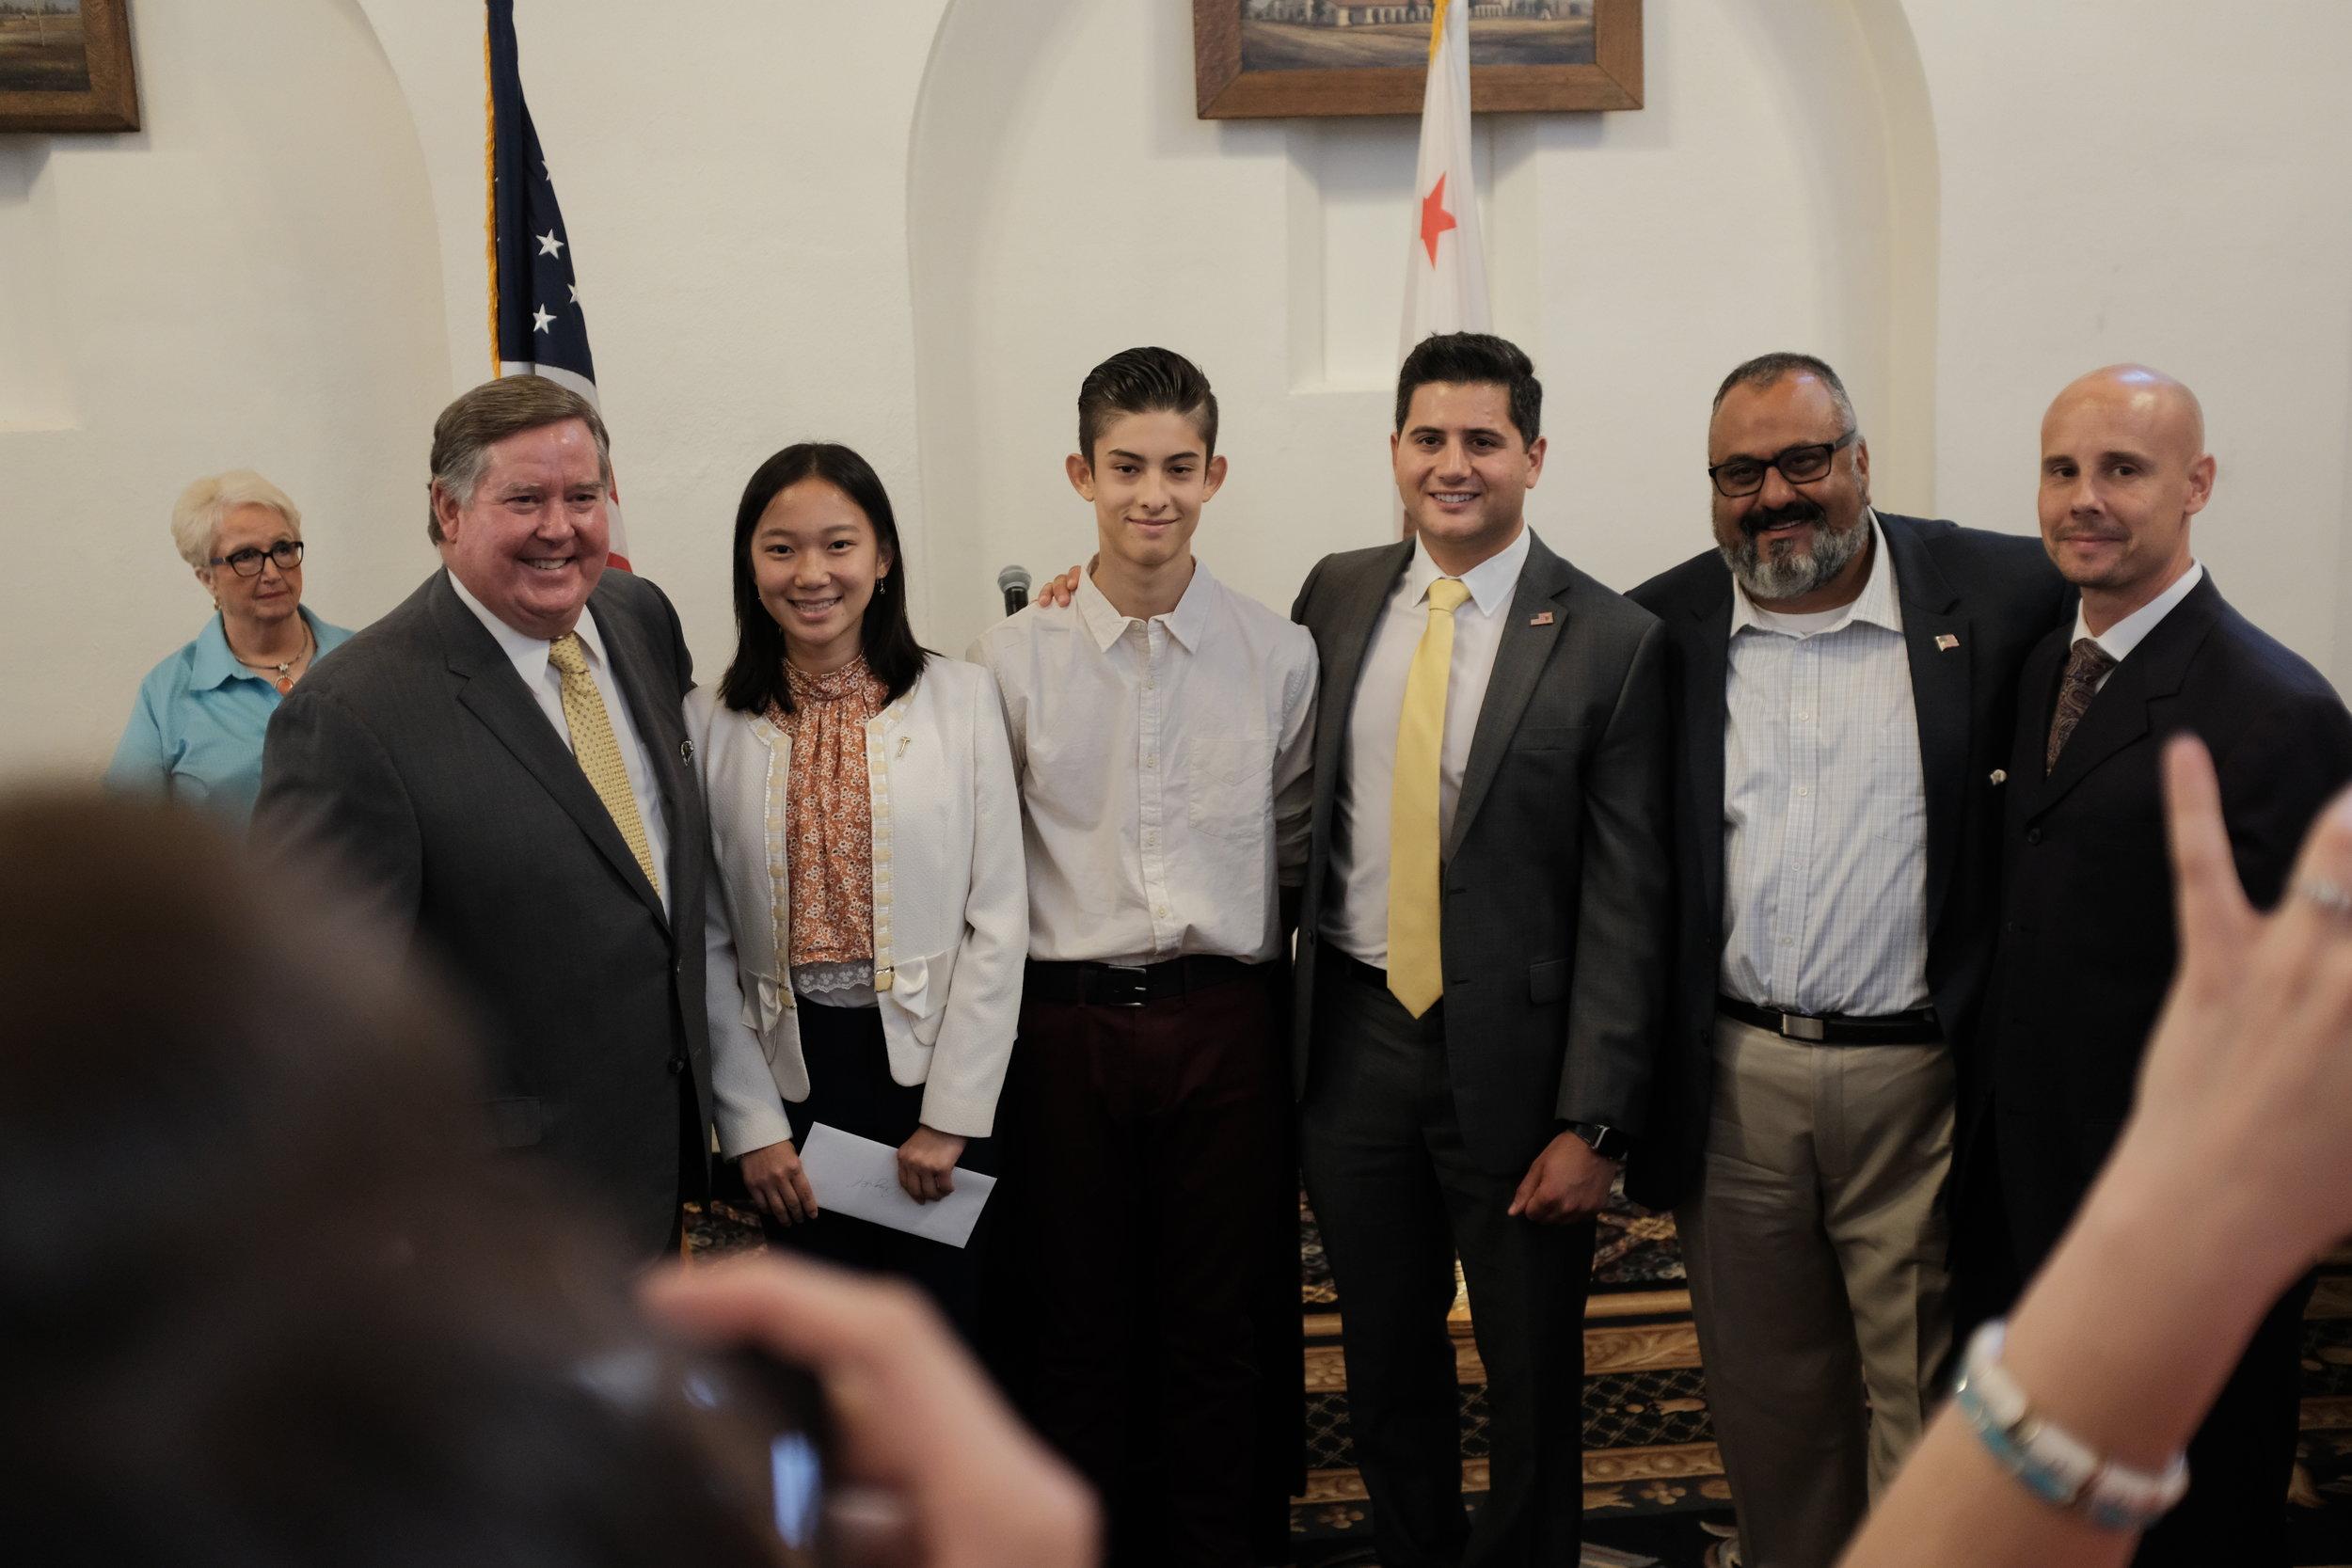 Congressman Ken Calvert, Bill Essayli, Ali Mazarei, and Ben Clymer speaking with motivated and involved High School students.